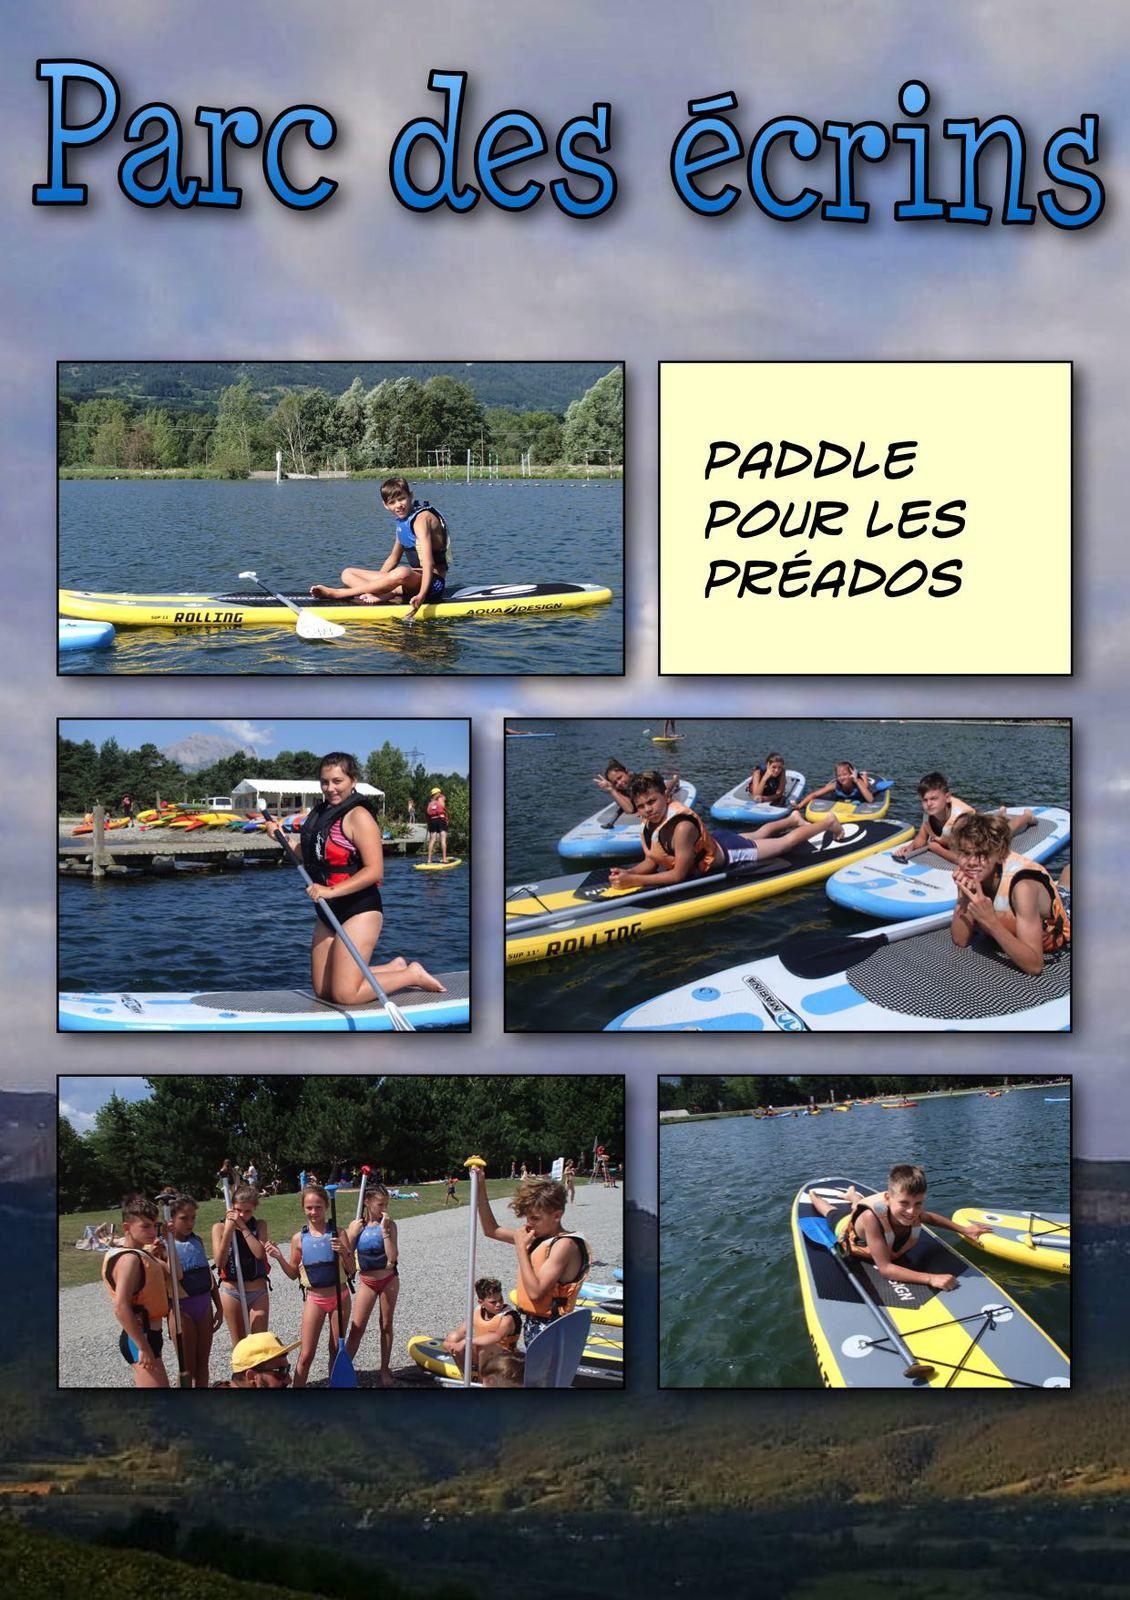 Paddle pour les préados !